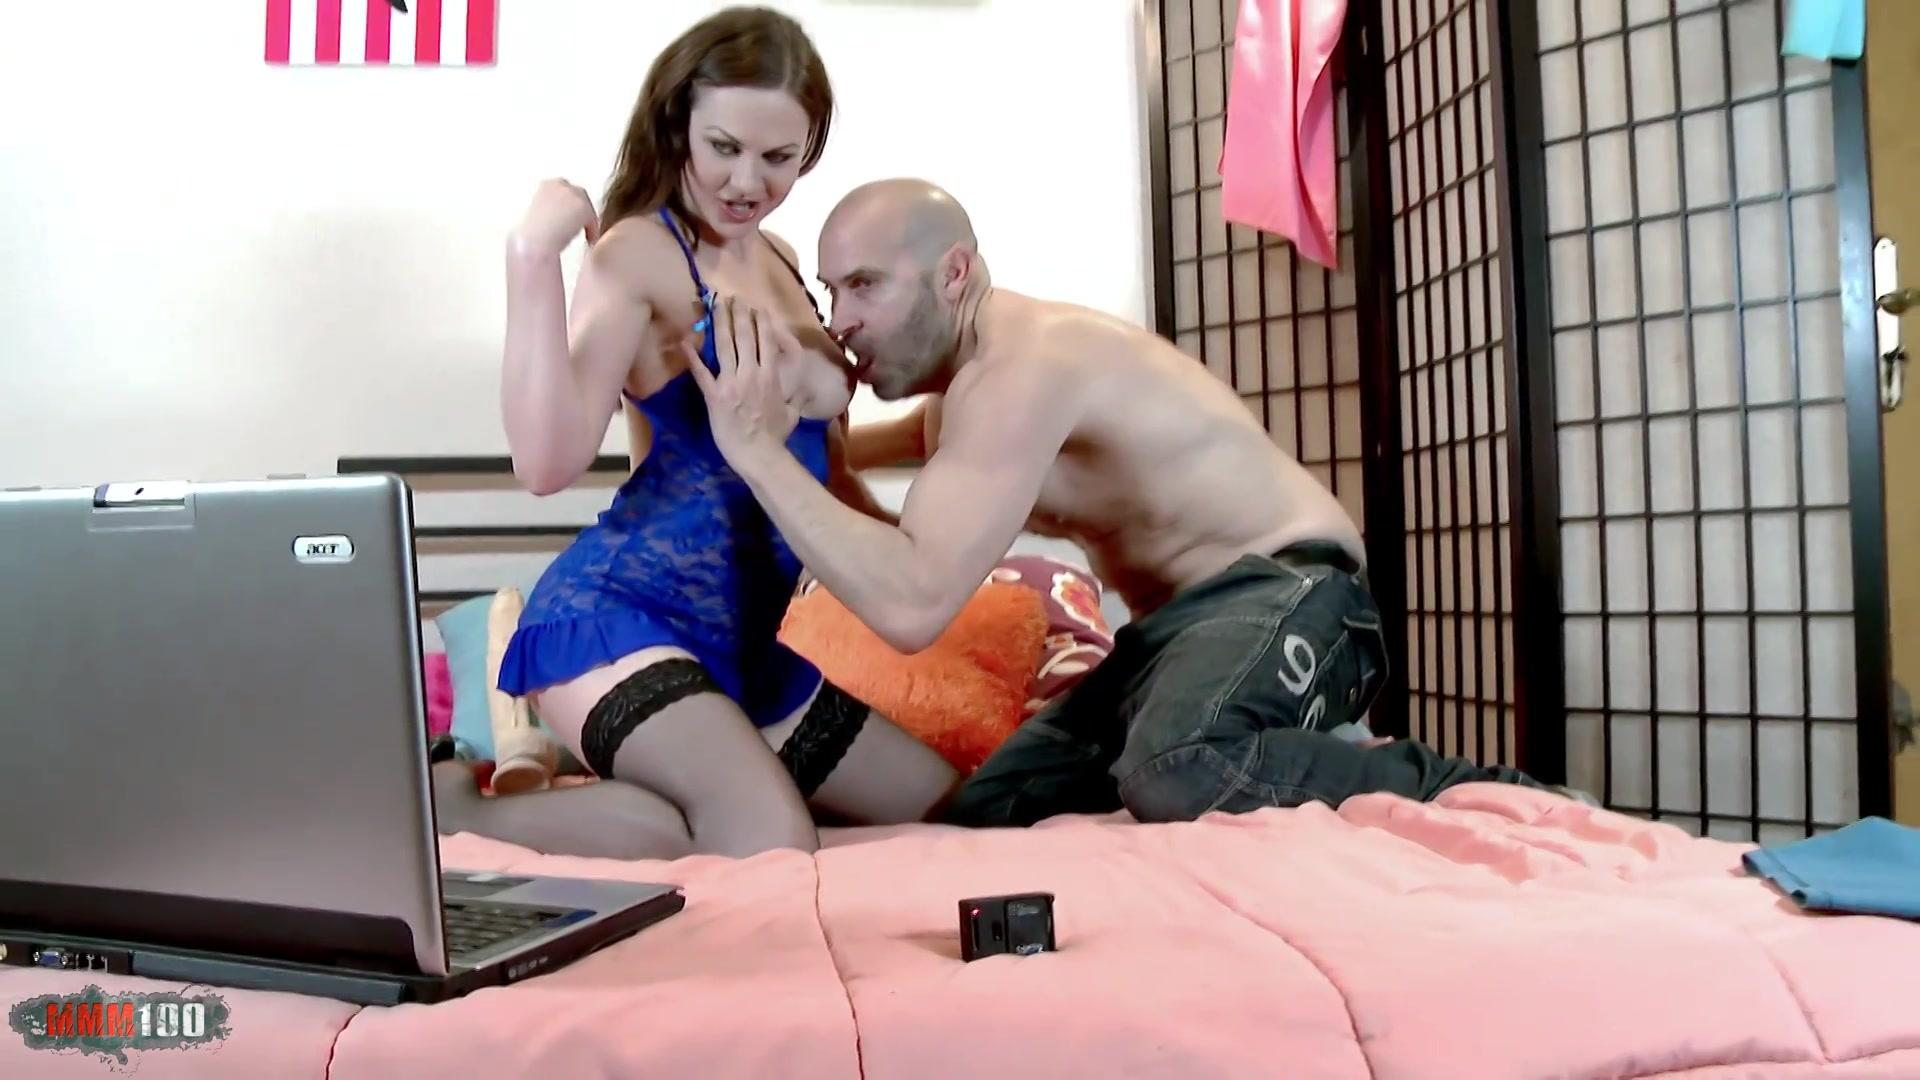 Max Mosley viedeo descargar sexo